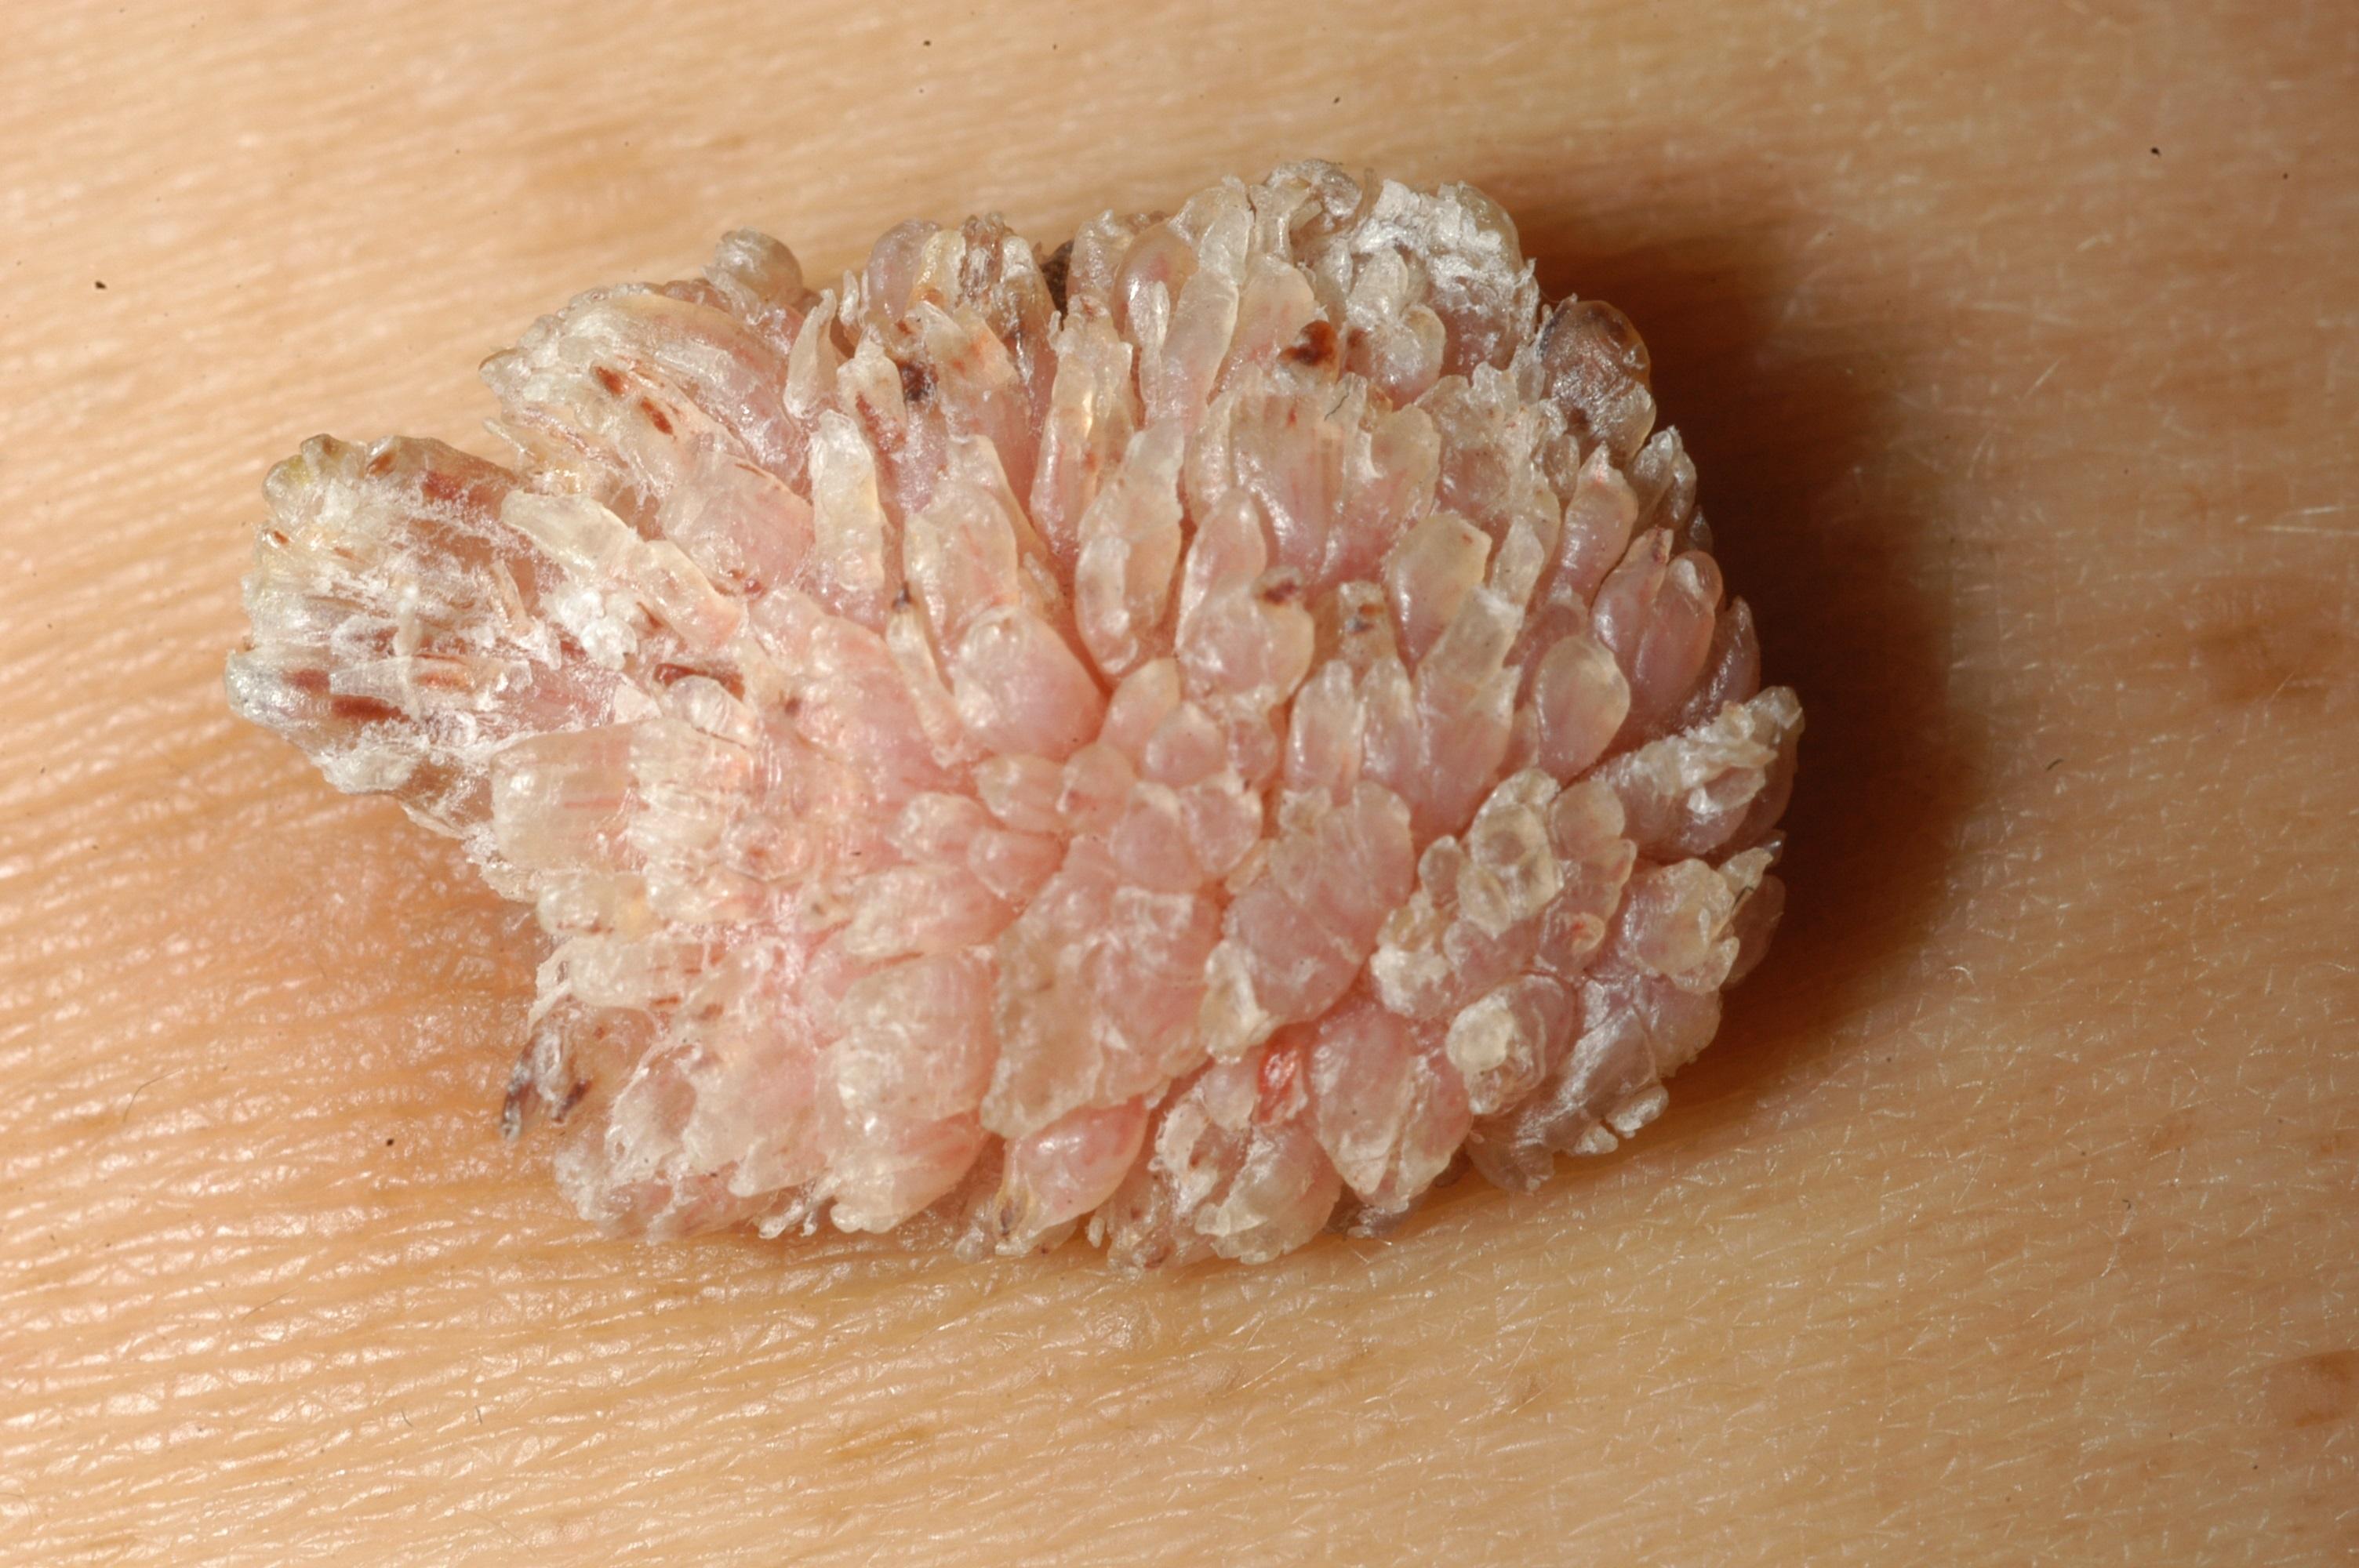 Phân biệt bệnh sùi mào gà và chuỗi hạt ngọc dương vật